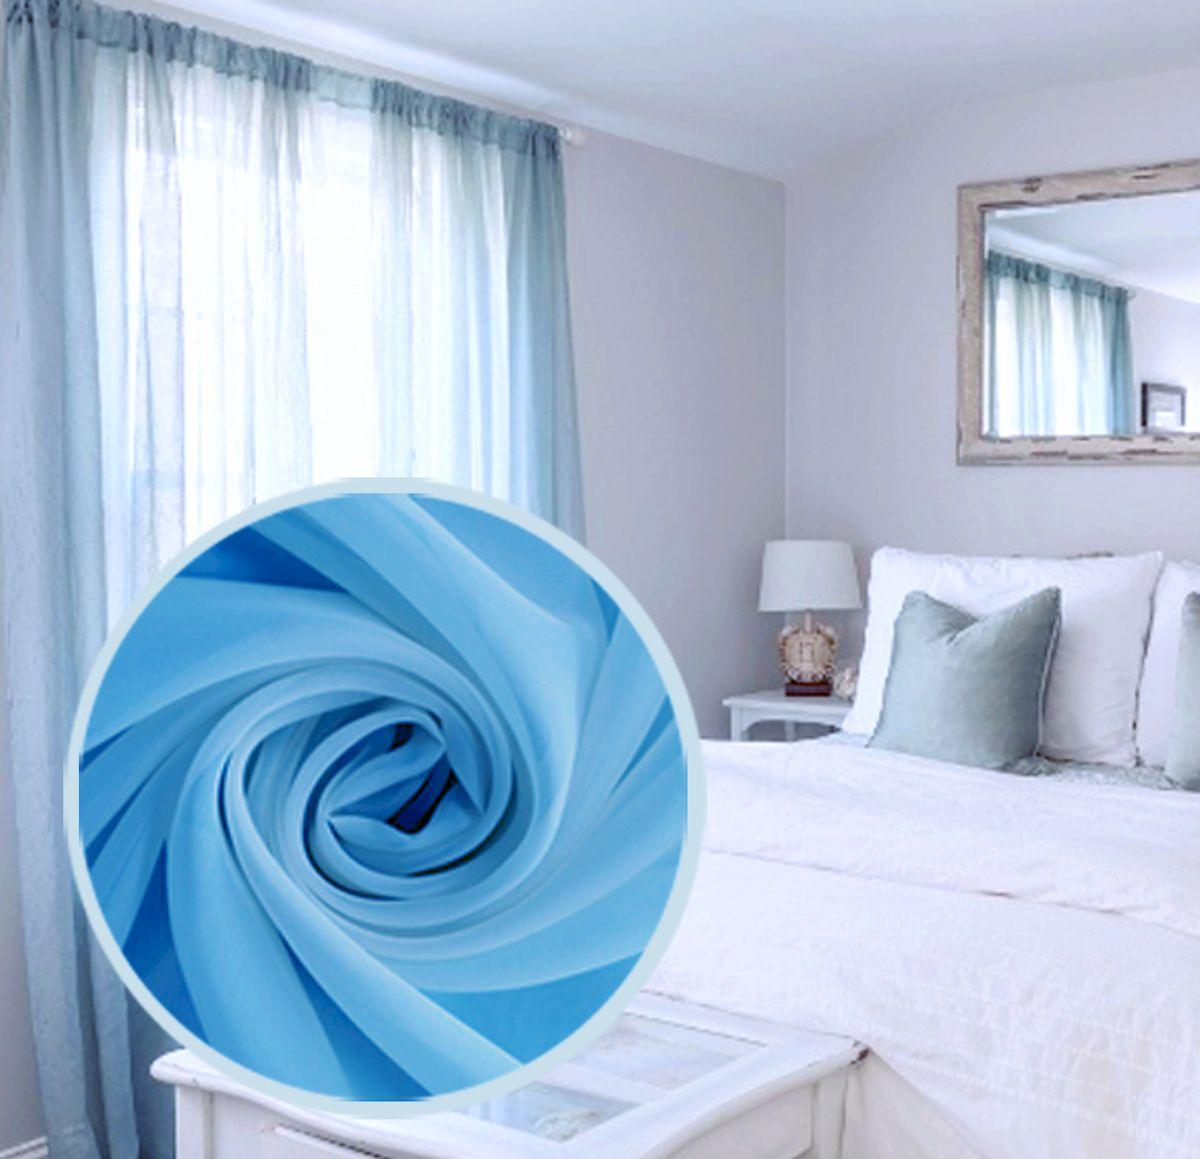 Тюль Amore Mio Однотонная, на ленте, цвет: синий, высота 270 см74652Тюль Amore Mio нежного цвета в классическом однотонном исполнении изготовлен из 100% полиэстера. Воздушная ткань привлечет к себе внимание и идеально оформит интерьер любого помещения. Полиэстер - вид ткани, состоящий из полиэфирных волокон. Ткани из полиэстера легкие, прочные и износостойкие. Такие изделия не требуют специального ухода, не пылятся и почти не мнутся. Крепление к карнизу осуществляется при помощи вшитой шторной ленты.